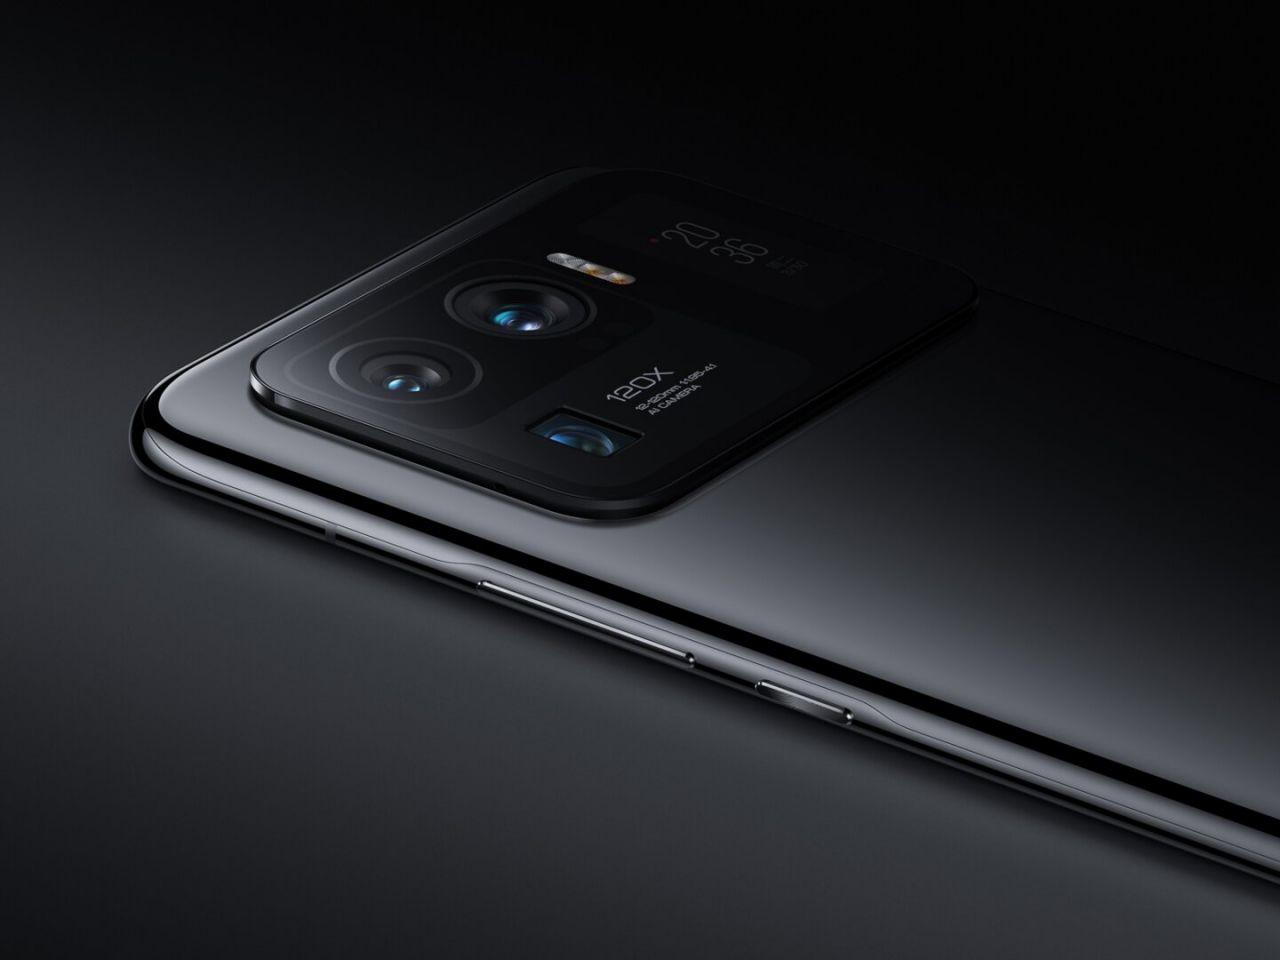 En iyi kameralı telefonlar - Nisan 2021 - Page 1